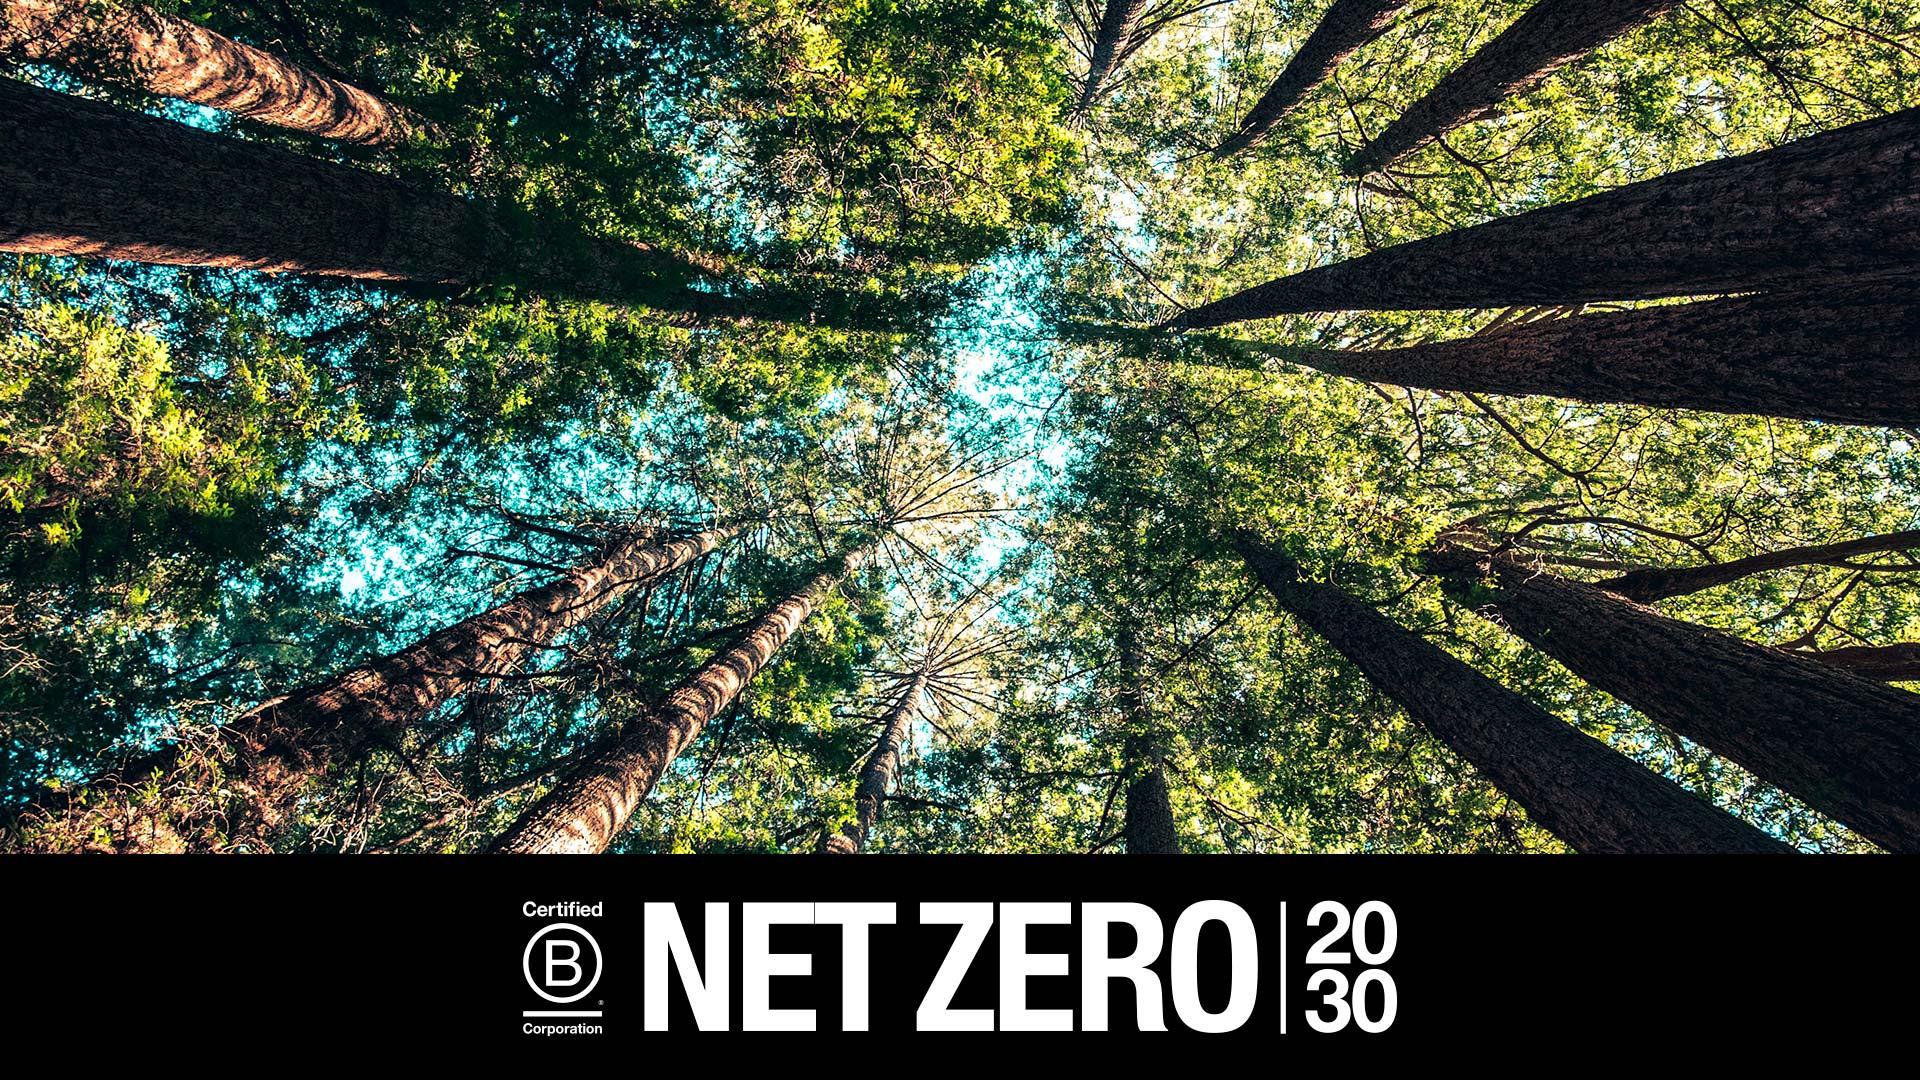 NET ZERO 2030 – Tomamos Ação na Crise Climática